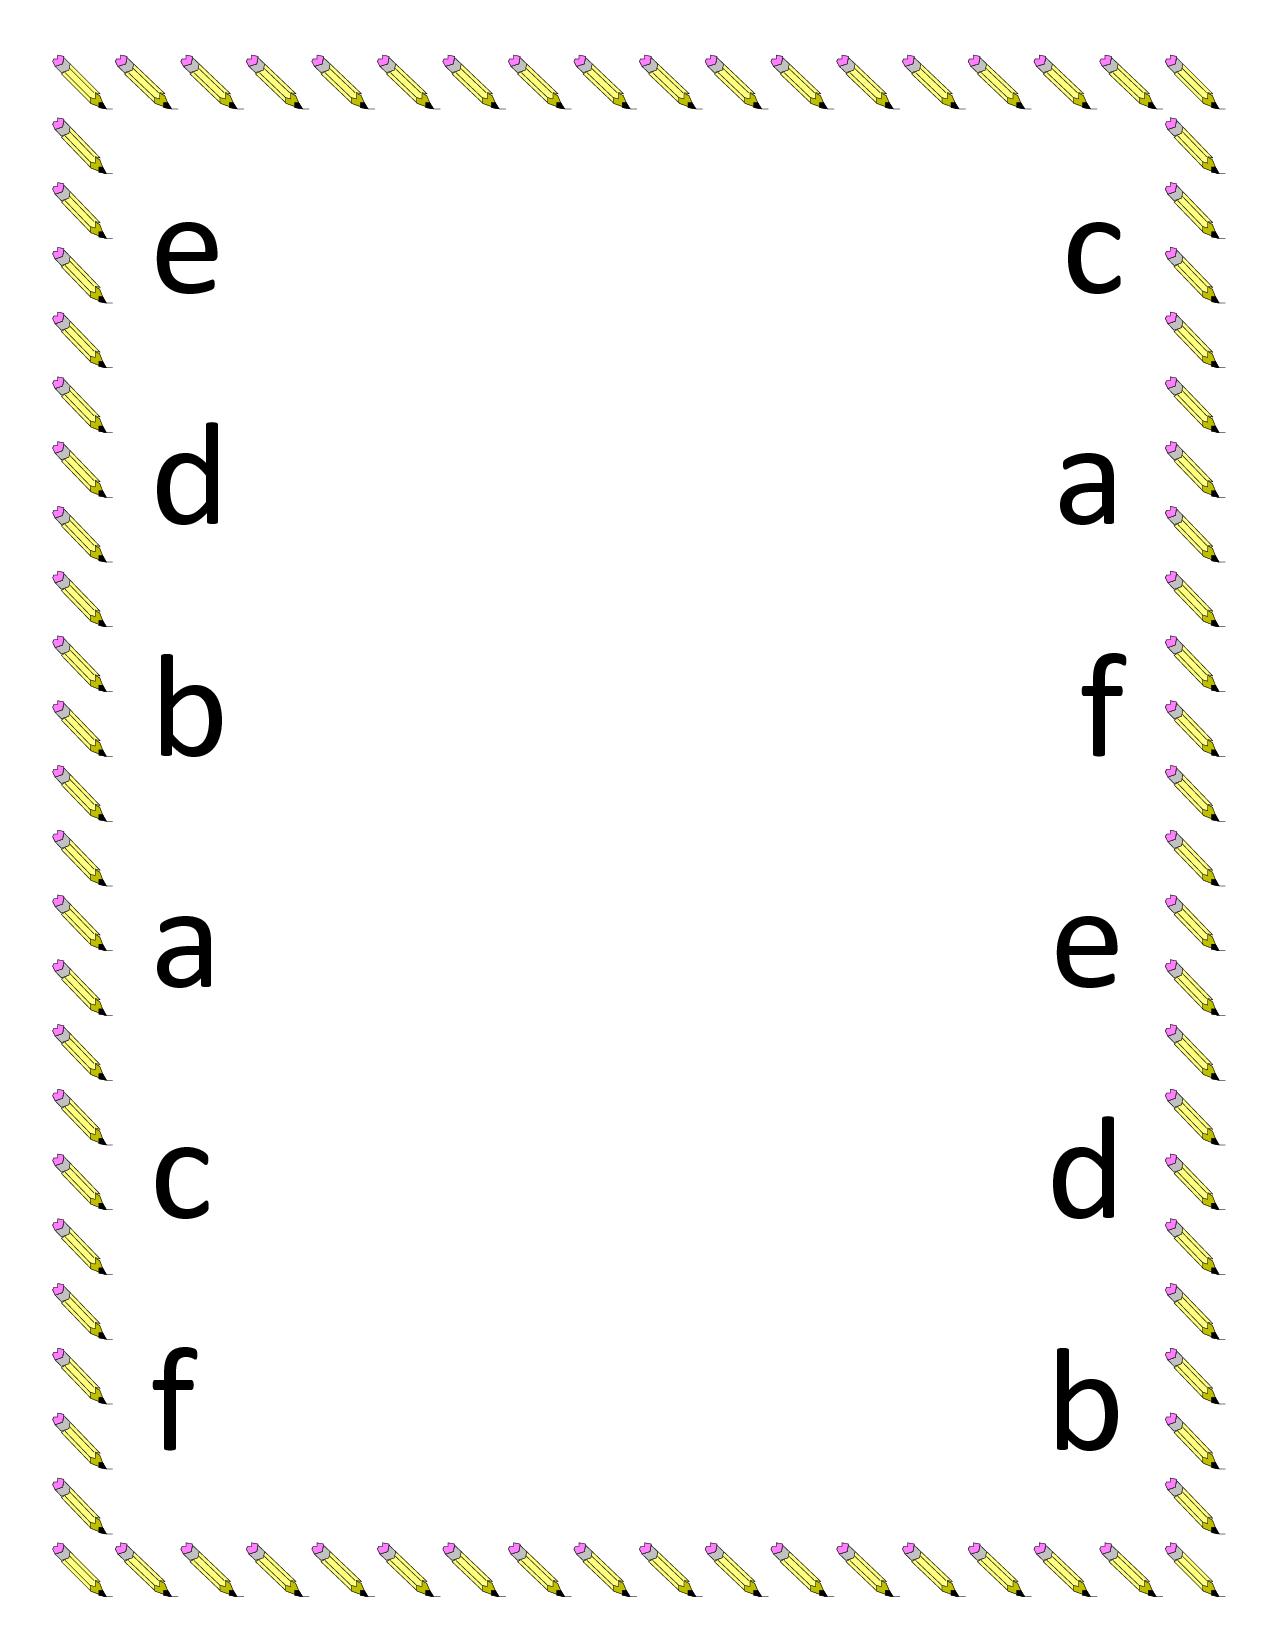 Preschool Science Worksheets Printables   Preschool Matching in Alphabet Matching Worksheets For Kindergarten Pdf